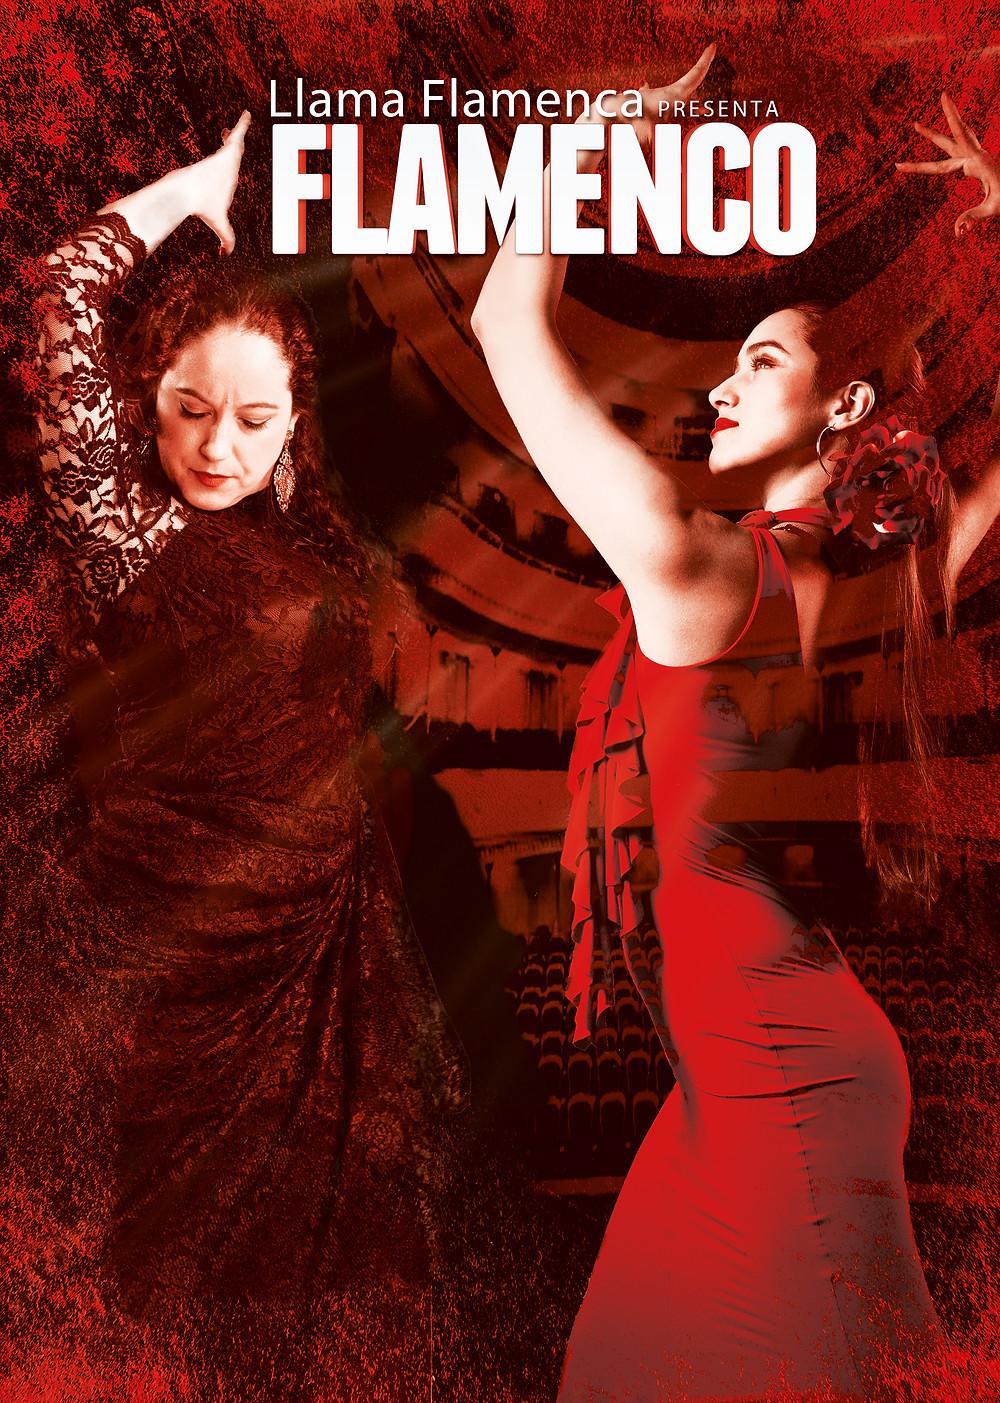 Plakat Llama Flamenca.jpg